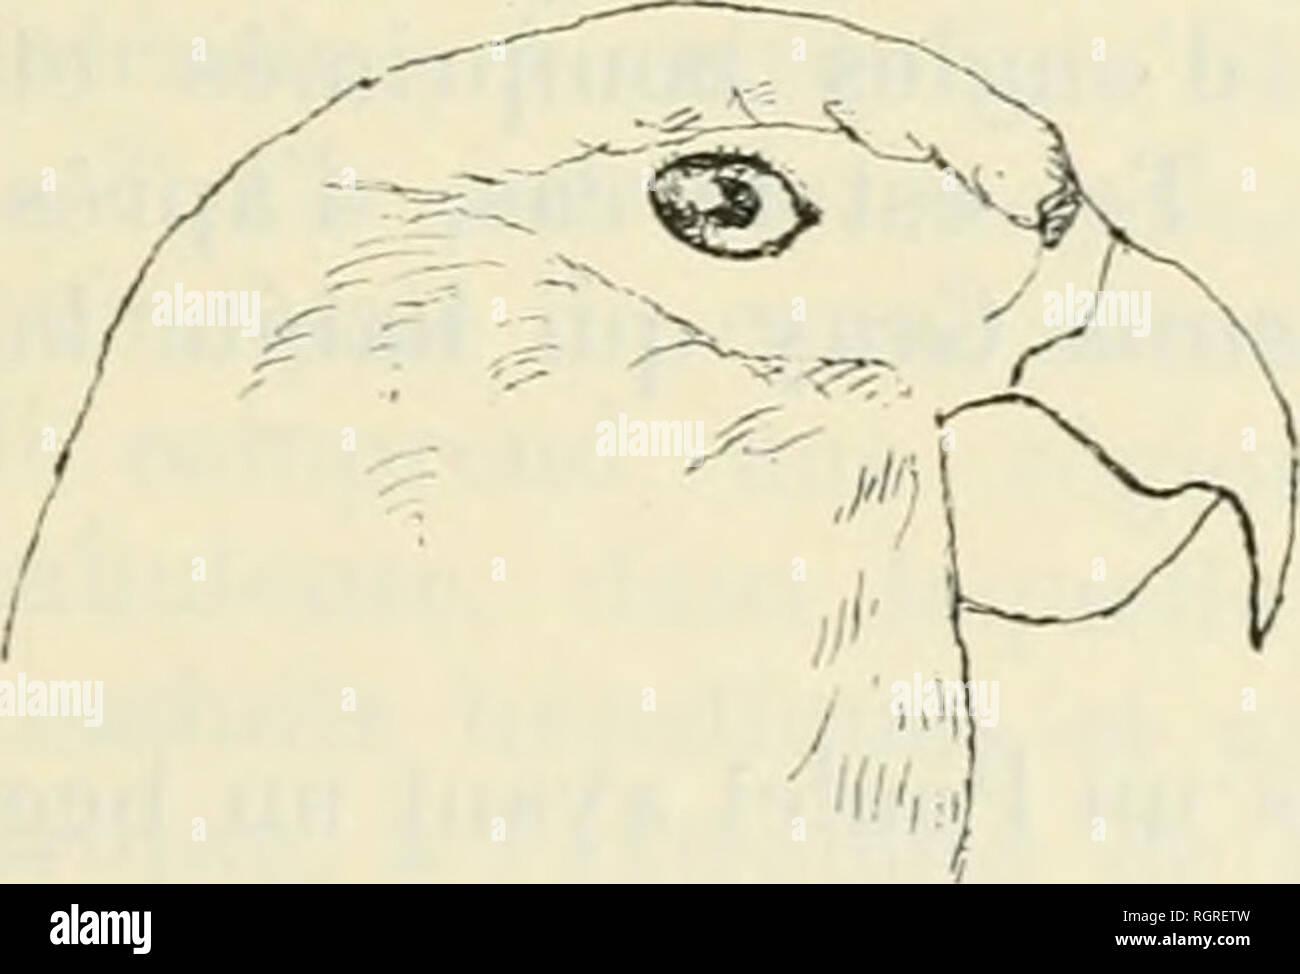 """. Boletín de la Société zoologique de France. La zoología. SÃANCE DU 24 DKCE.MllllK 1907 165 3. _ Gk^k,,: ELMINIUS E. J. E. plicatus gris. Sur coquille d'IIiiitre. Des Rochers Praslins et sur fraguients de roches provenant des iles CoÃ""""Livio (Archipel des Seychelles). E. simplex Darw. Sur de Serpulien lubricación. Rochers de car- gados Carajos. 4. - Genrk CREUSIA. C. sphiulosa Leach; Sur Madréporos. Banc de Saya de Malha, par oO mètres de aficionado. SUR UNE PERRUCHE PRÃSENTANT UNE CURIEUSE DÃFORMATION DU BEC PAR E. TROUESSART M. Trouessart présente, de la parte de M, Petit ahié, qui s'excusa de ne pouvoi Foto de stock"""